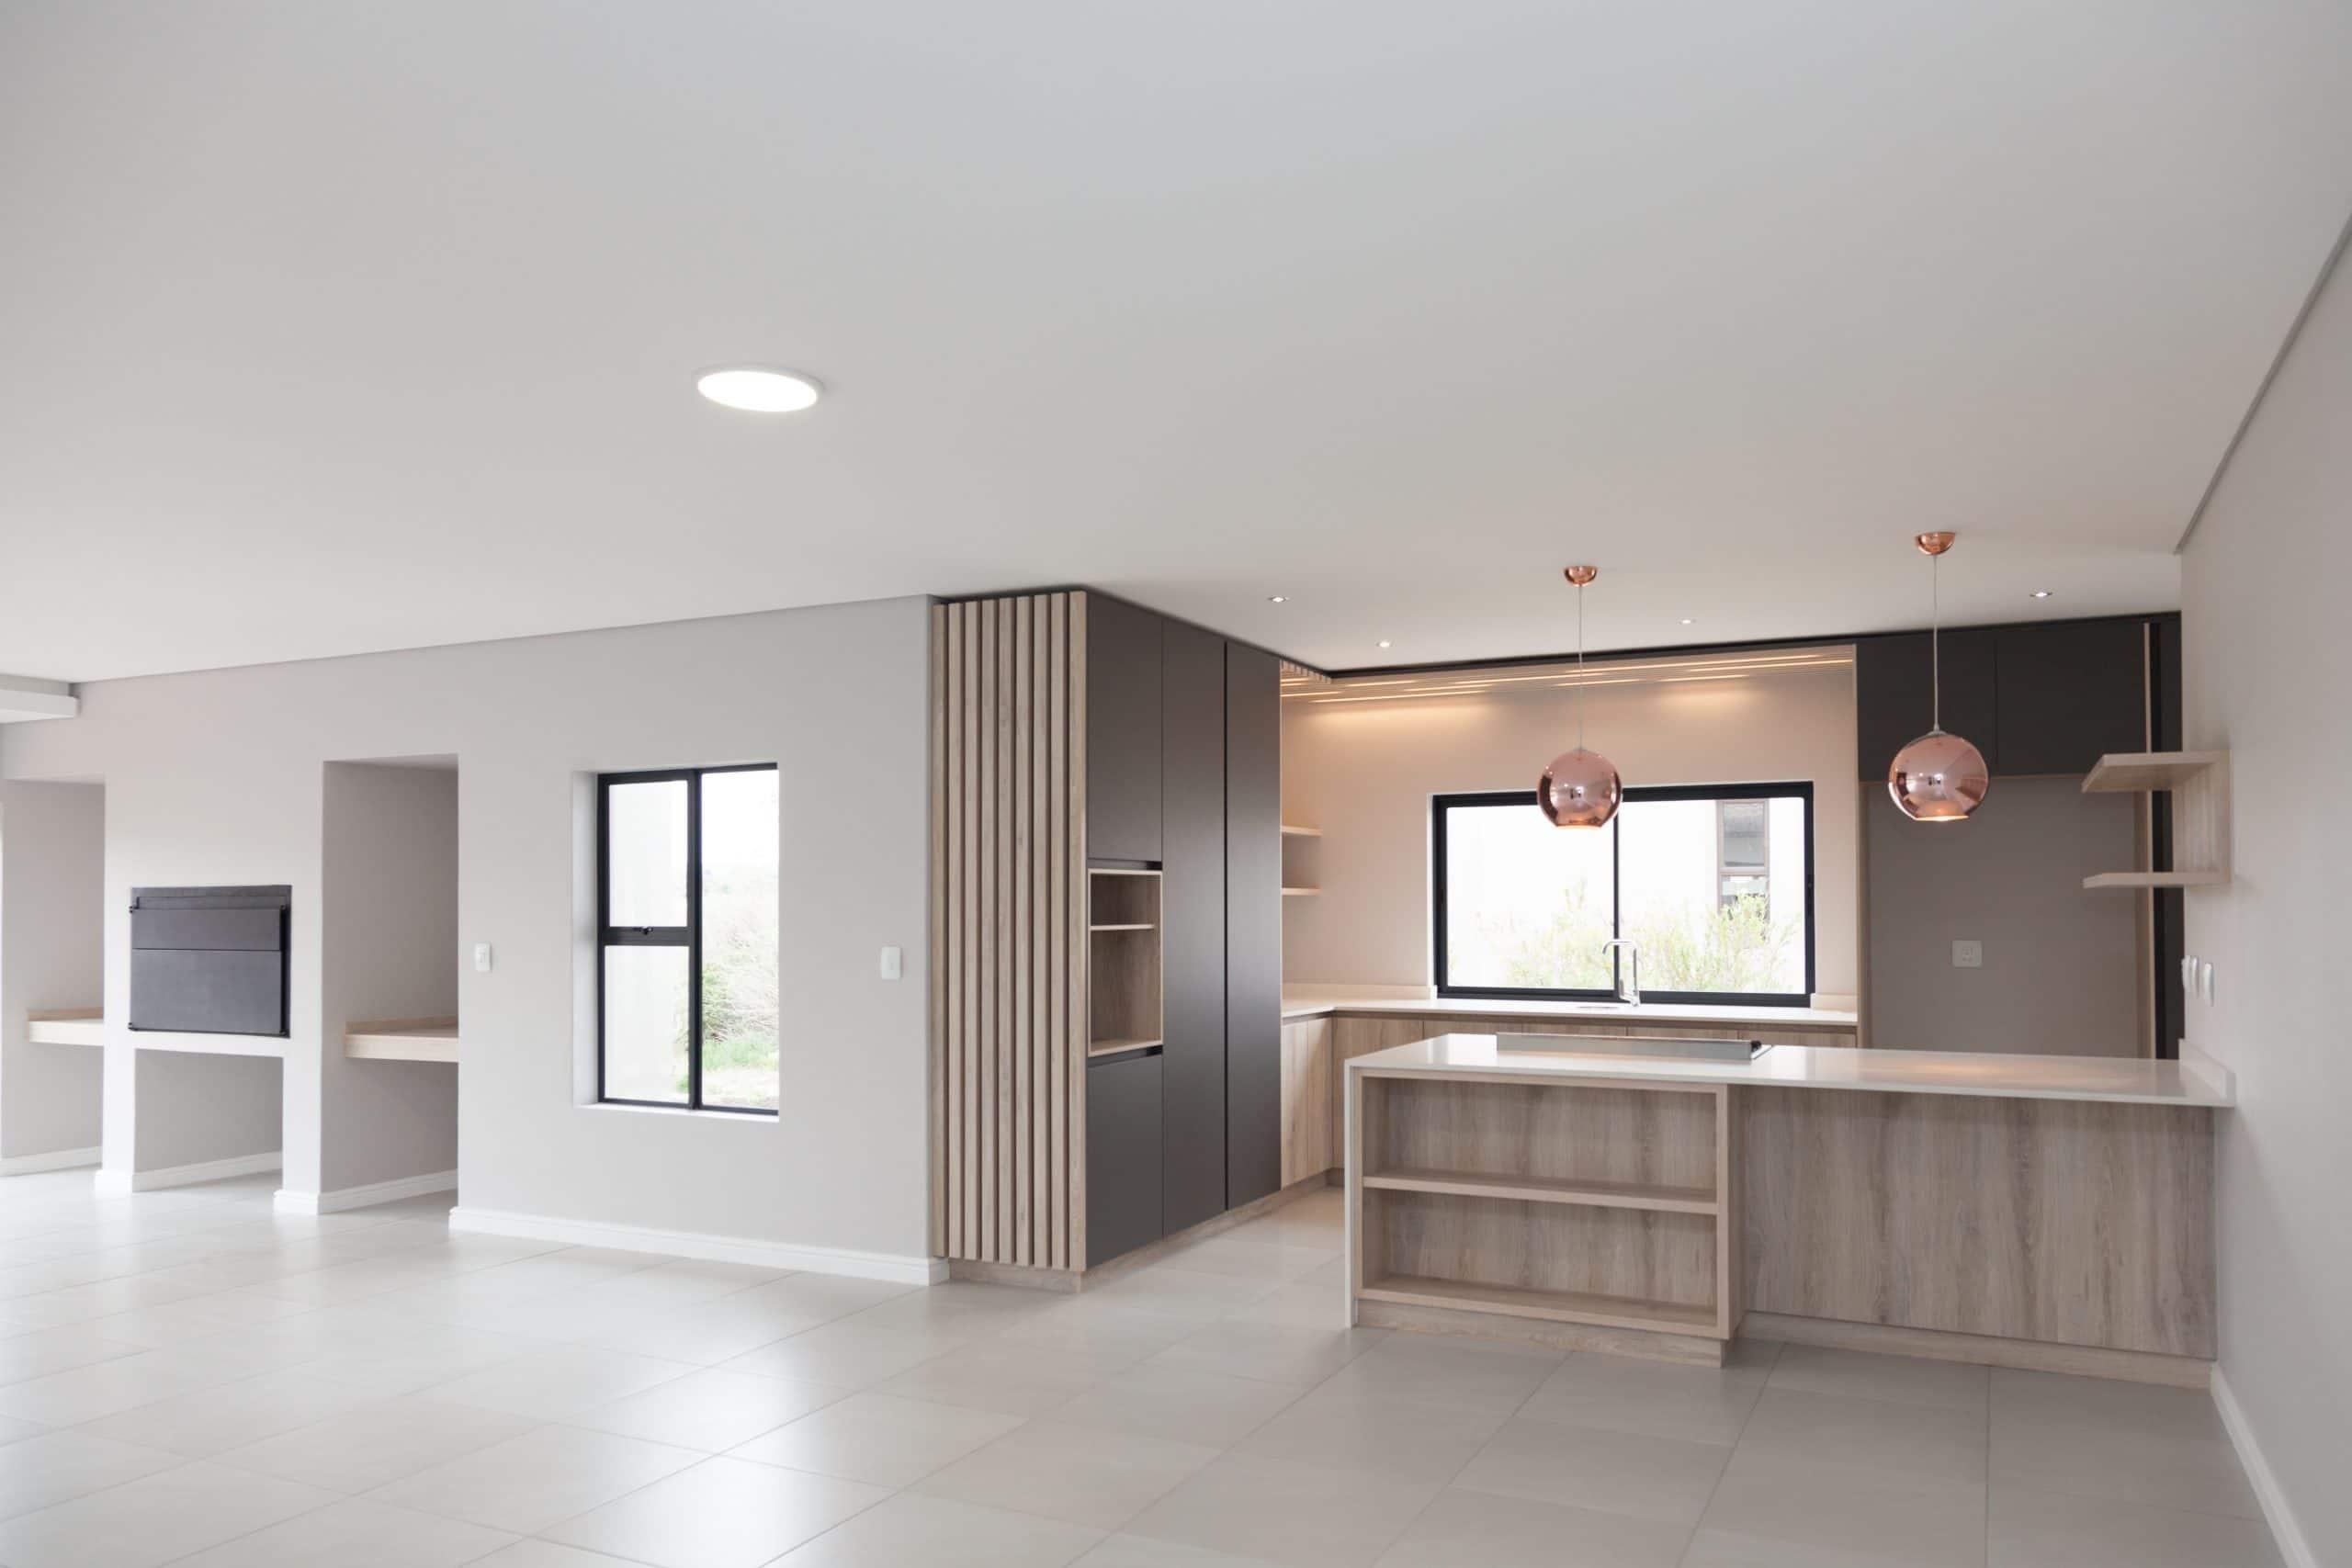 langebaan estate modern kitchen crontech consulting led lighting